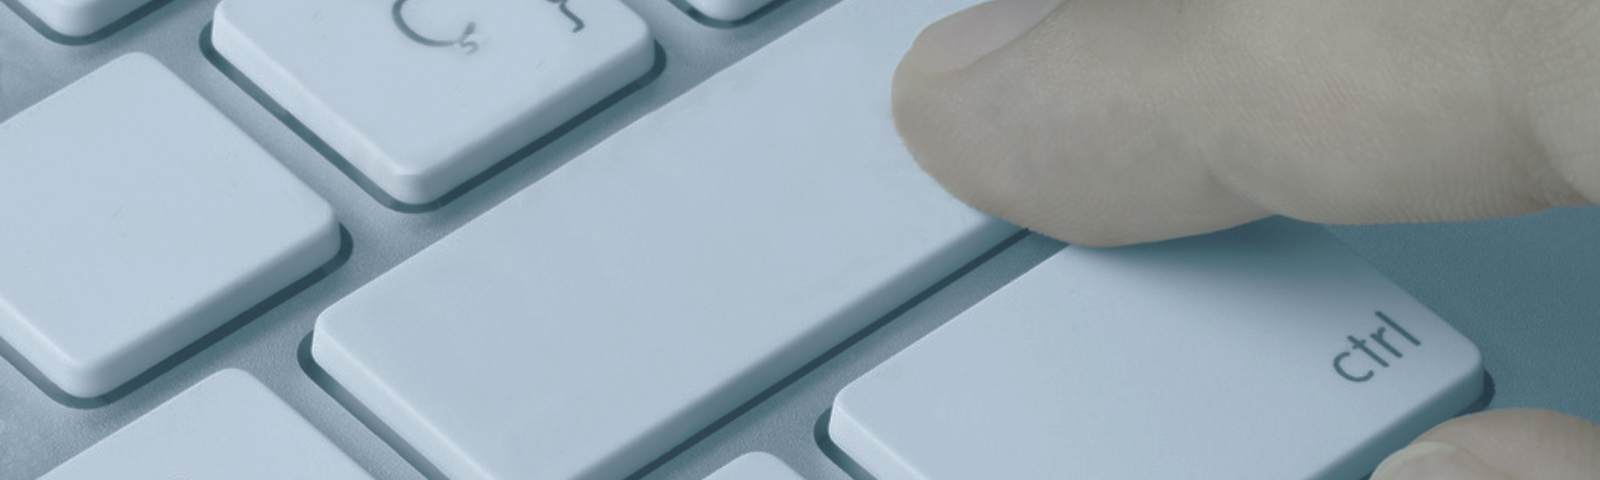 Die schnelle Online-Mietbewerbung bei Reisser-Bauen